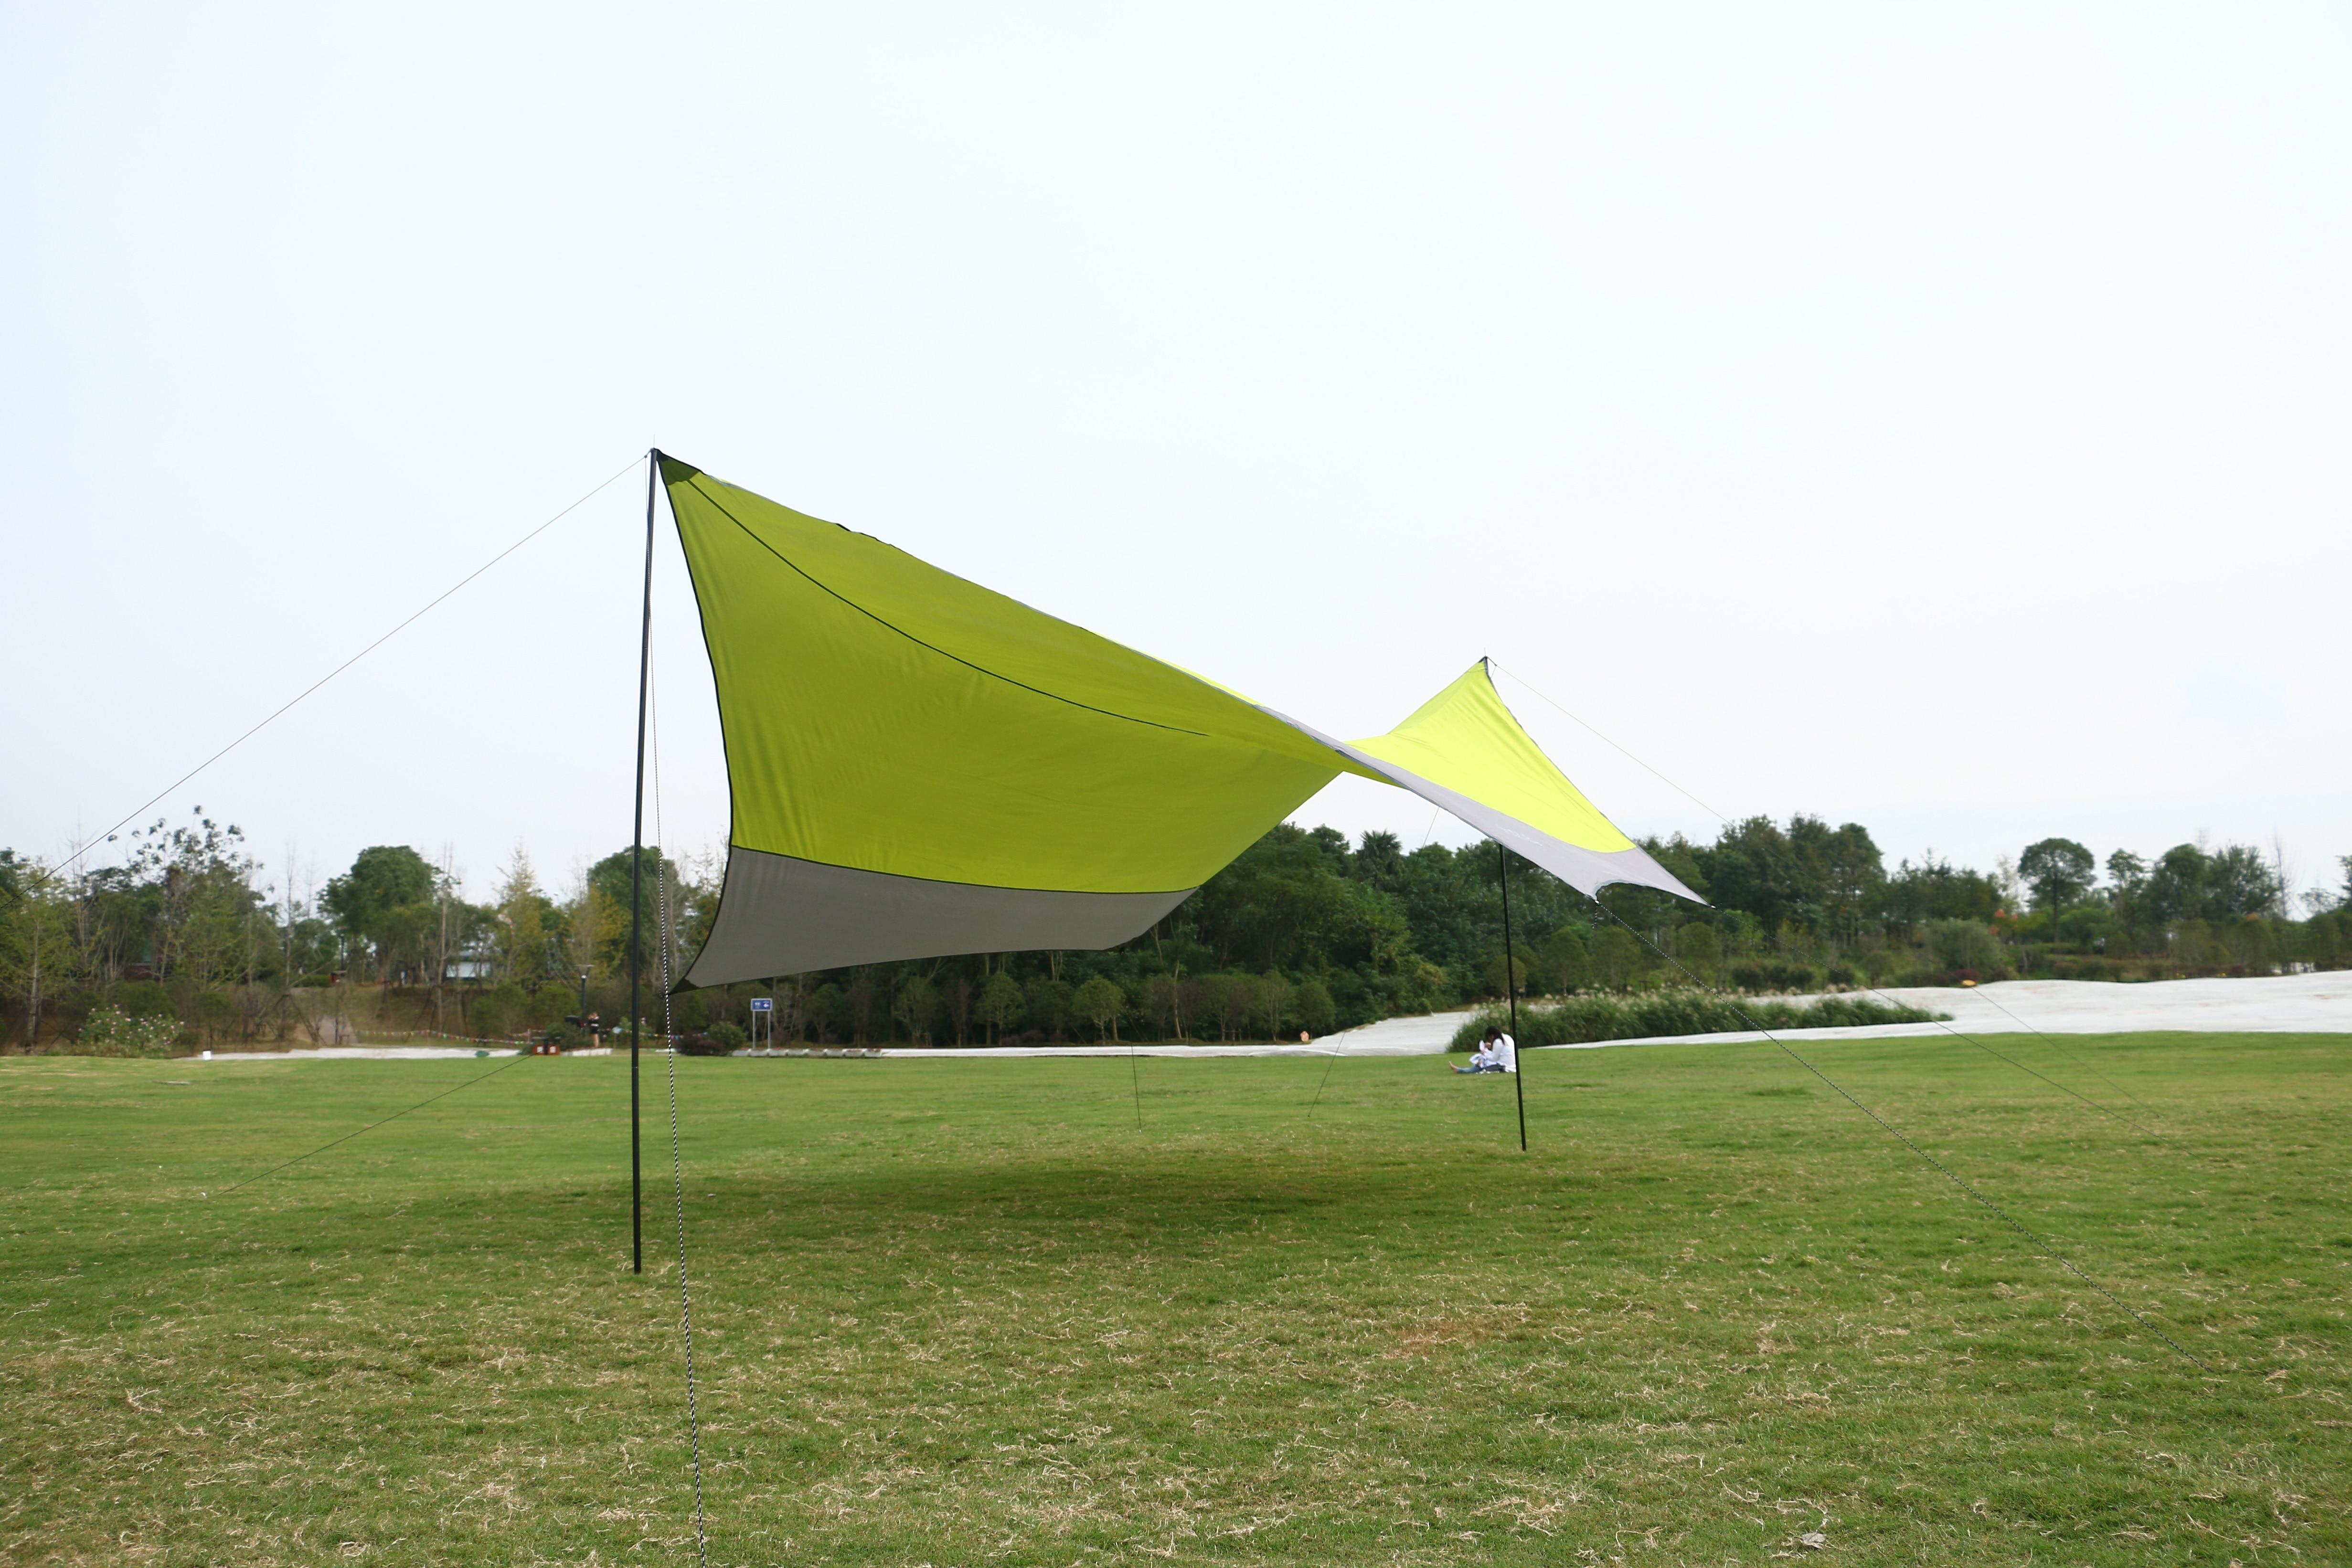 Outdoor zonwering doek voor 5 mensen chatten en thee 5 meter open maat gebruikt in camping en picknick, gratis verzending - 4